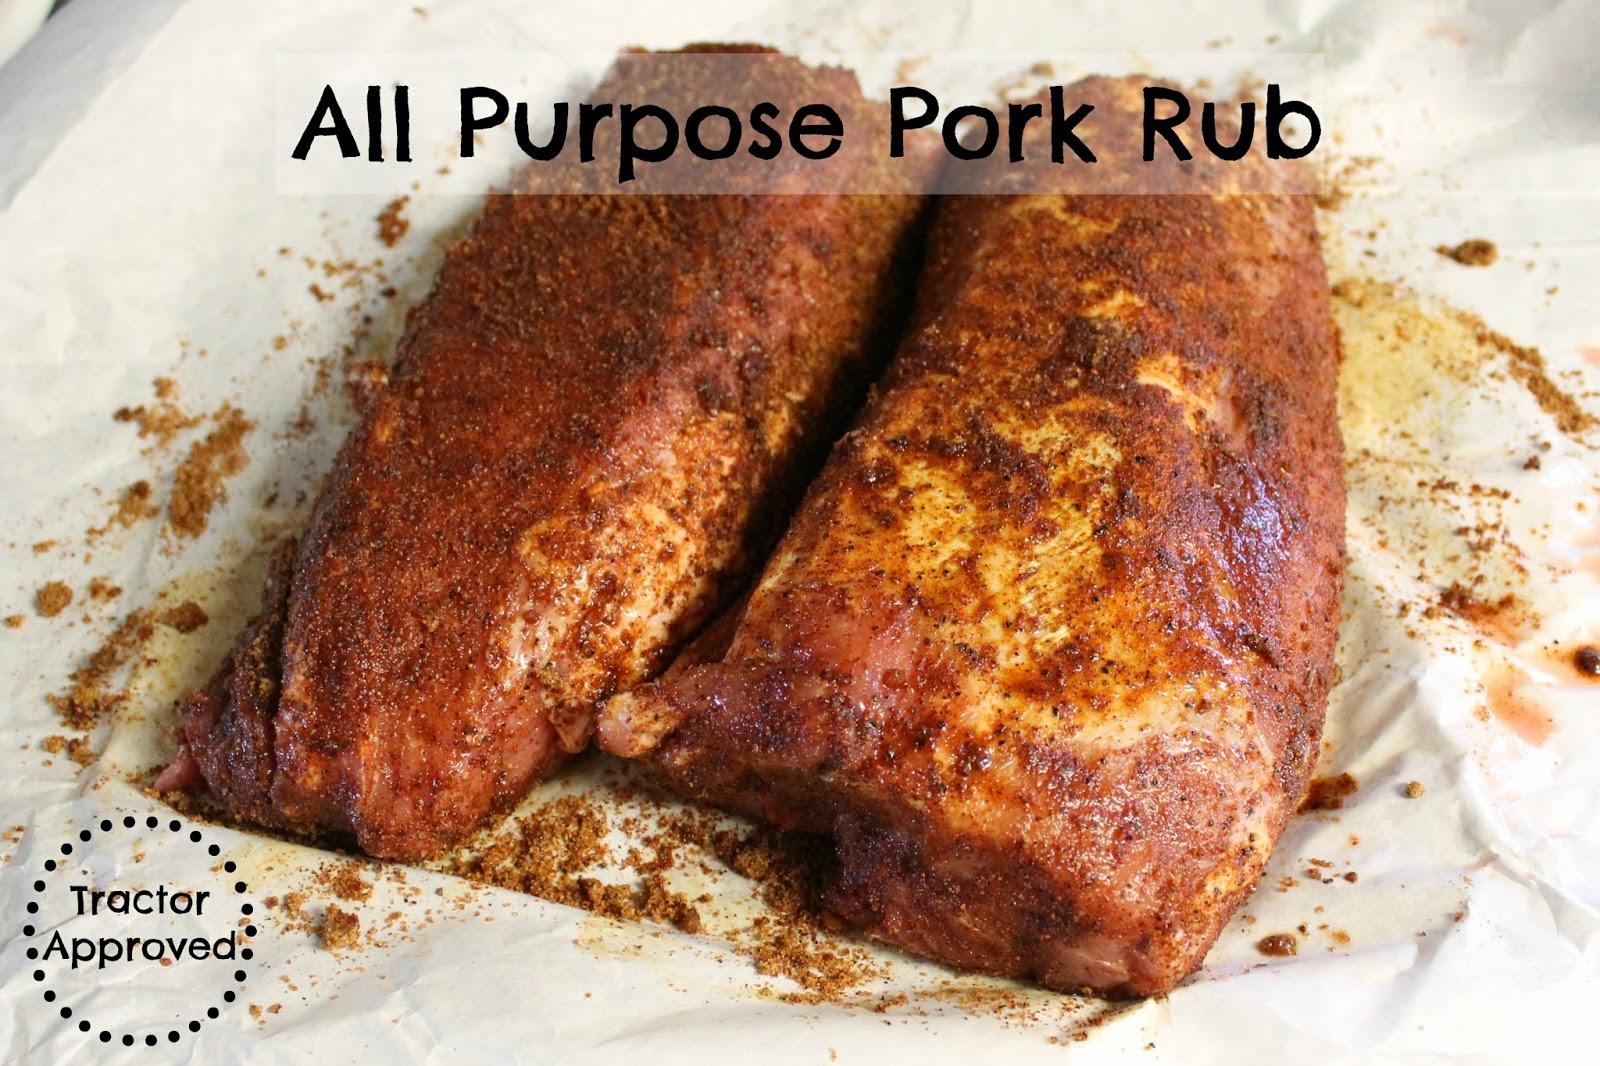 All Purpose Pork Rub Recipe